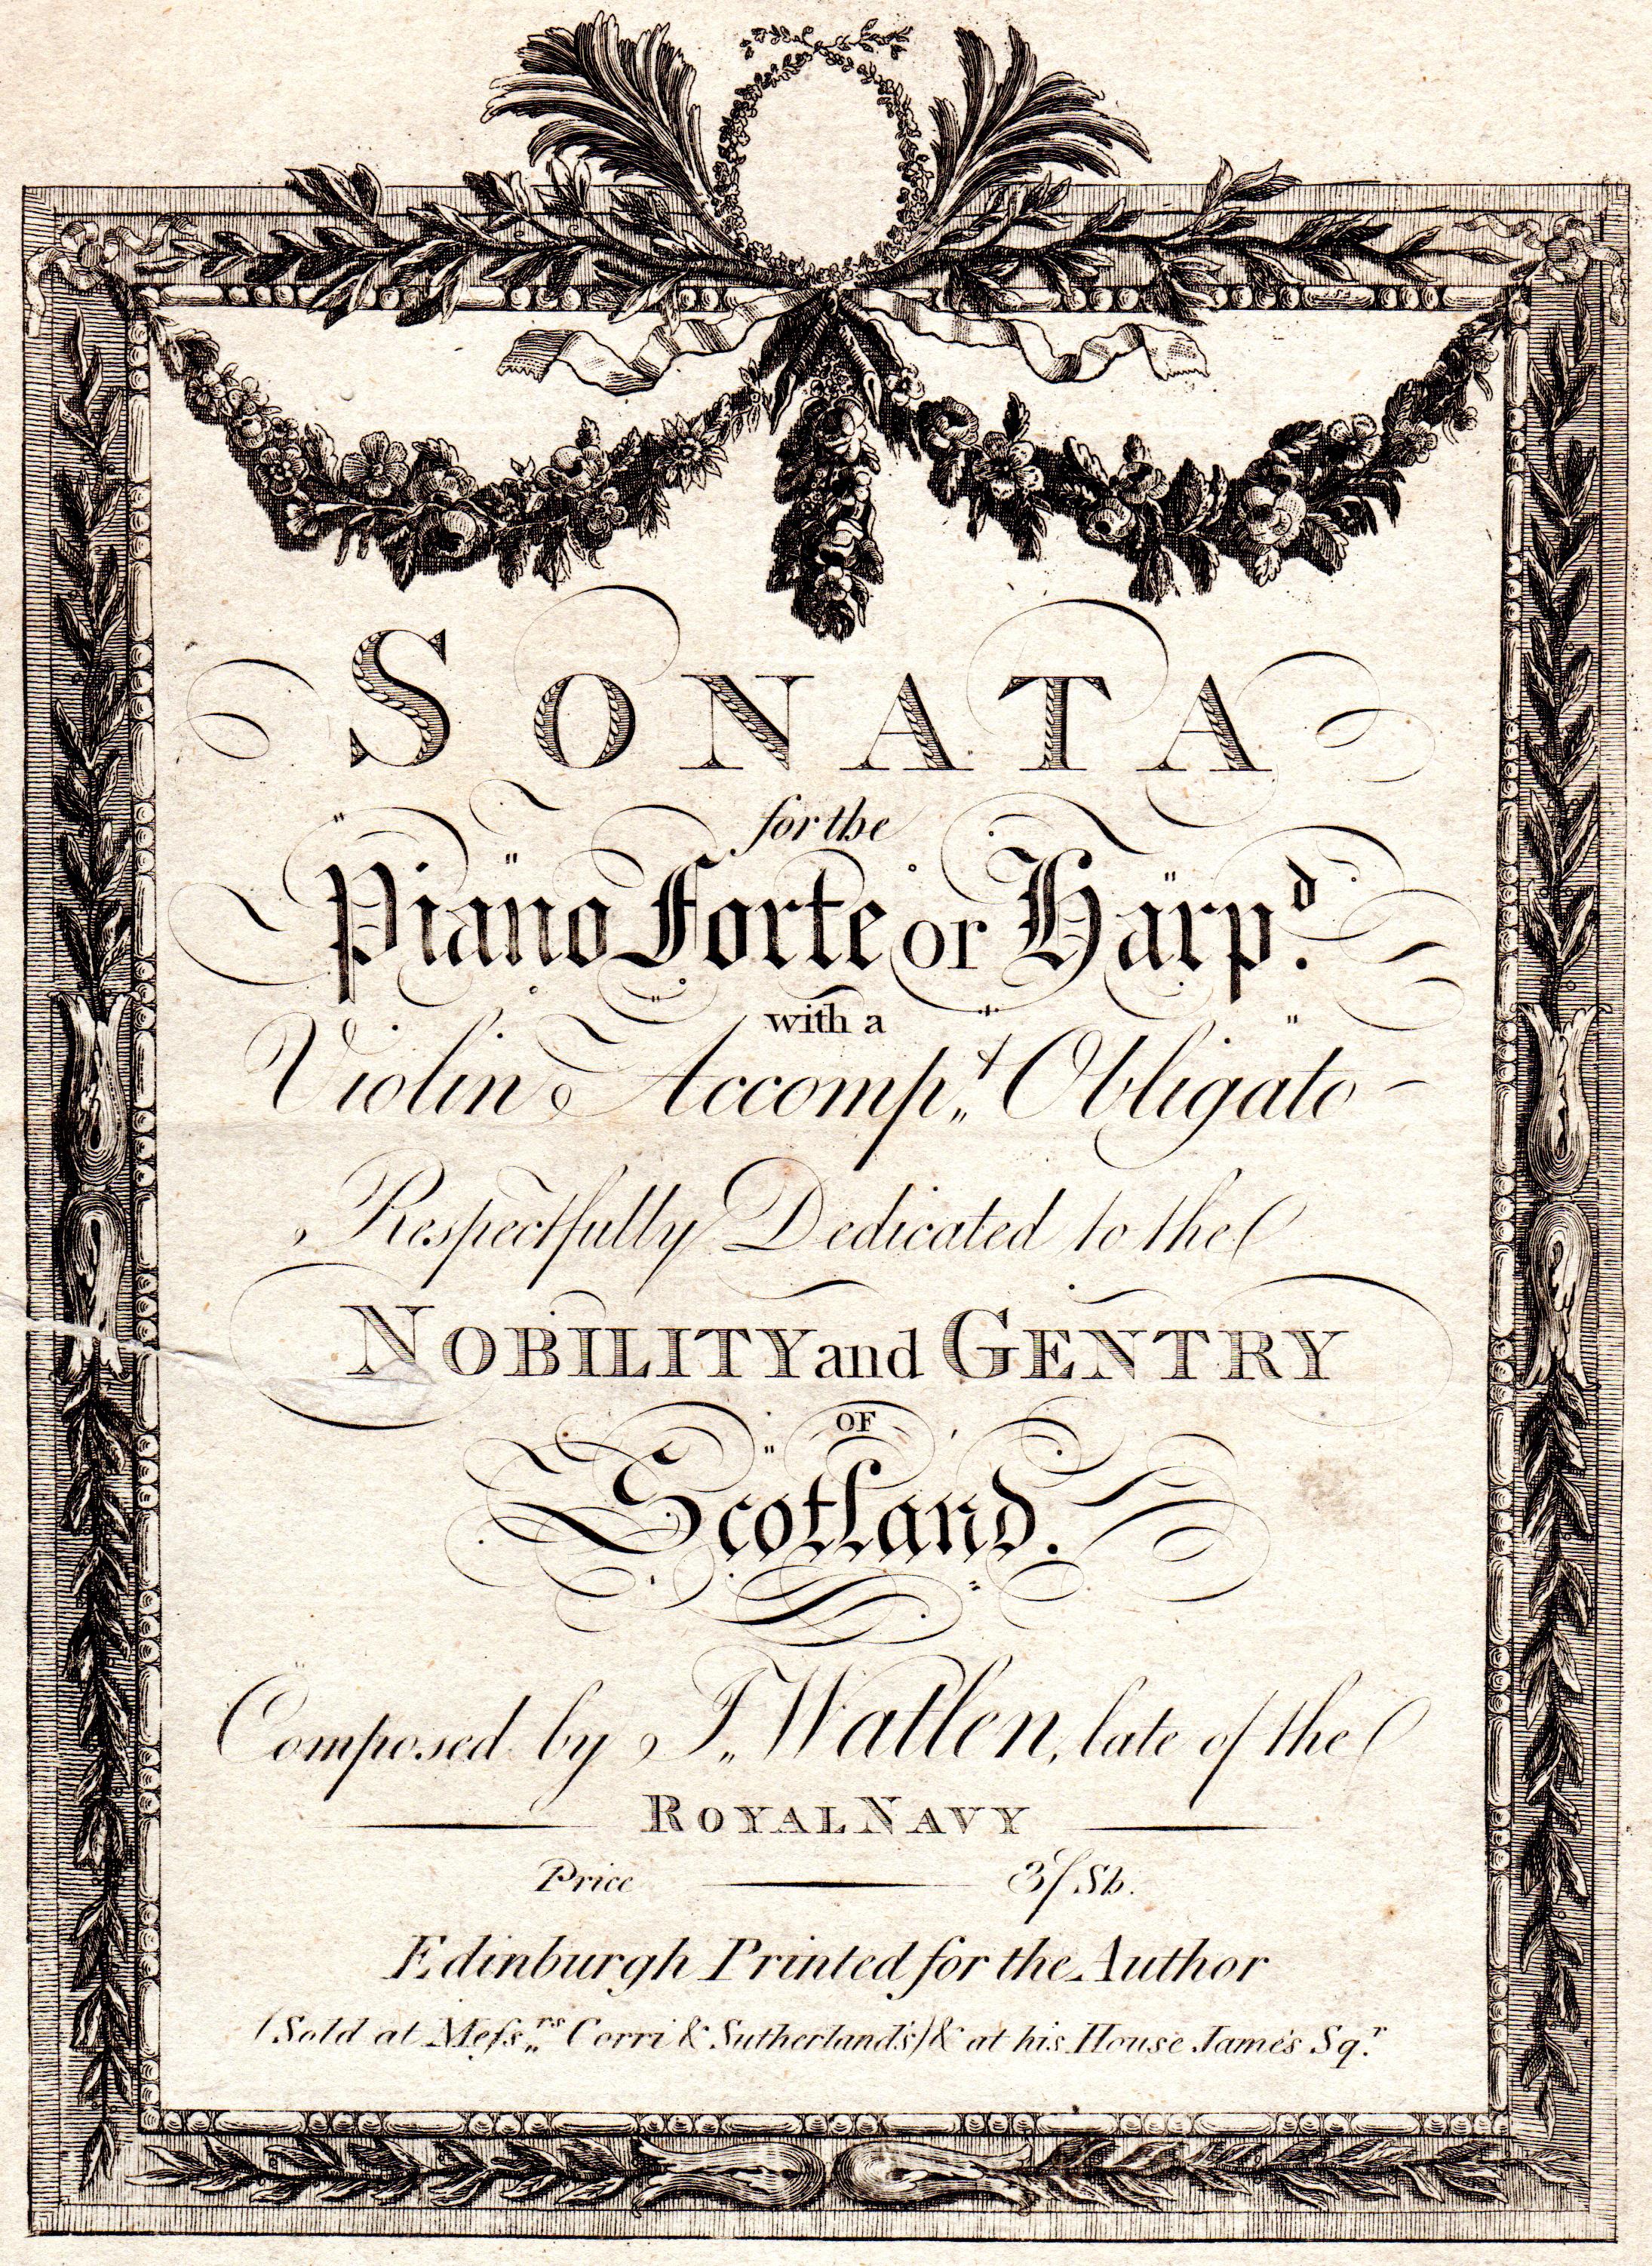 Original Antique 18th-Century Engraved Music Scores  circa 1770s to 1790s